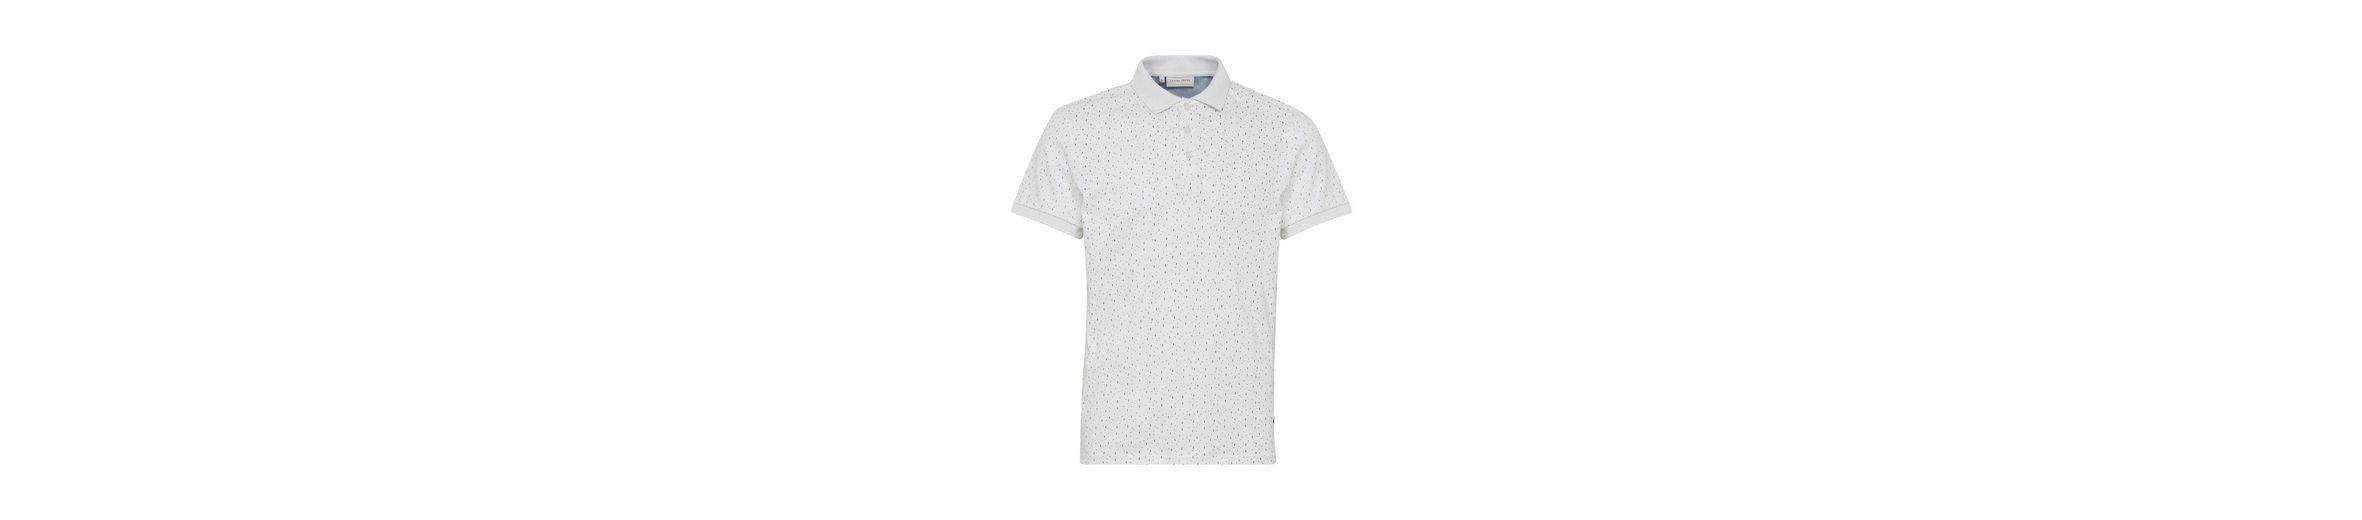 Sehr Billig Zu Verkaufen Wählen Sie Eine Beste Casual Friday Poloshirt Viele Arten Von Zum Verkauf Kauf Verkauf Online 6vumsNqmxy